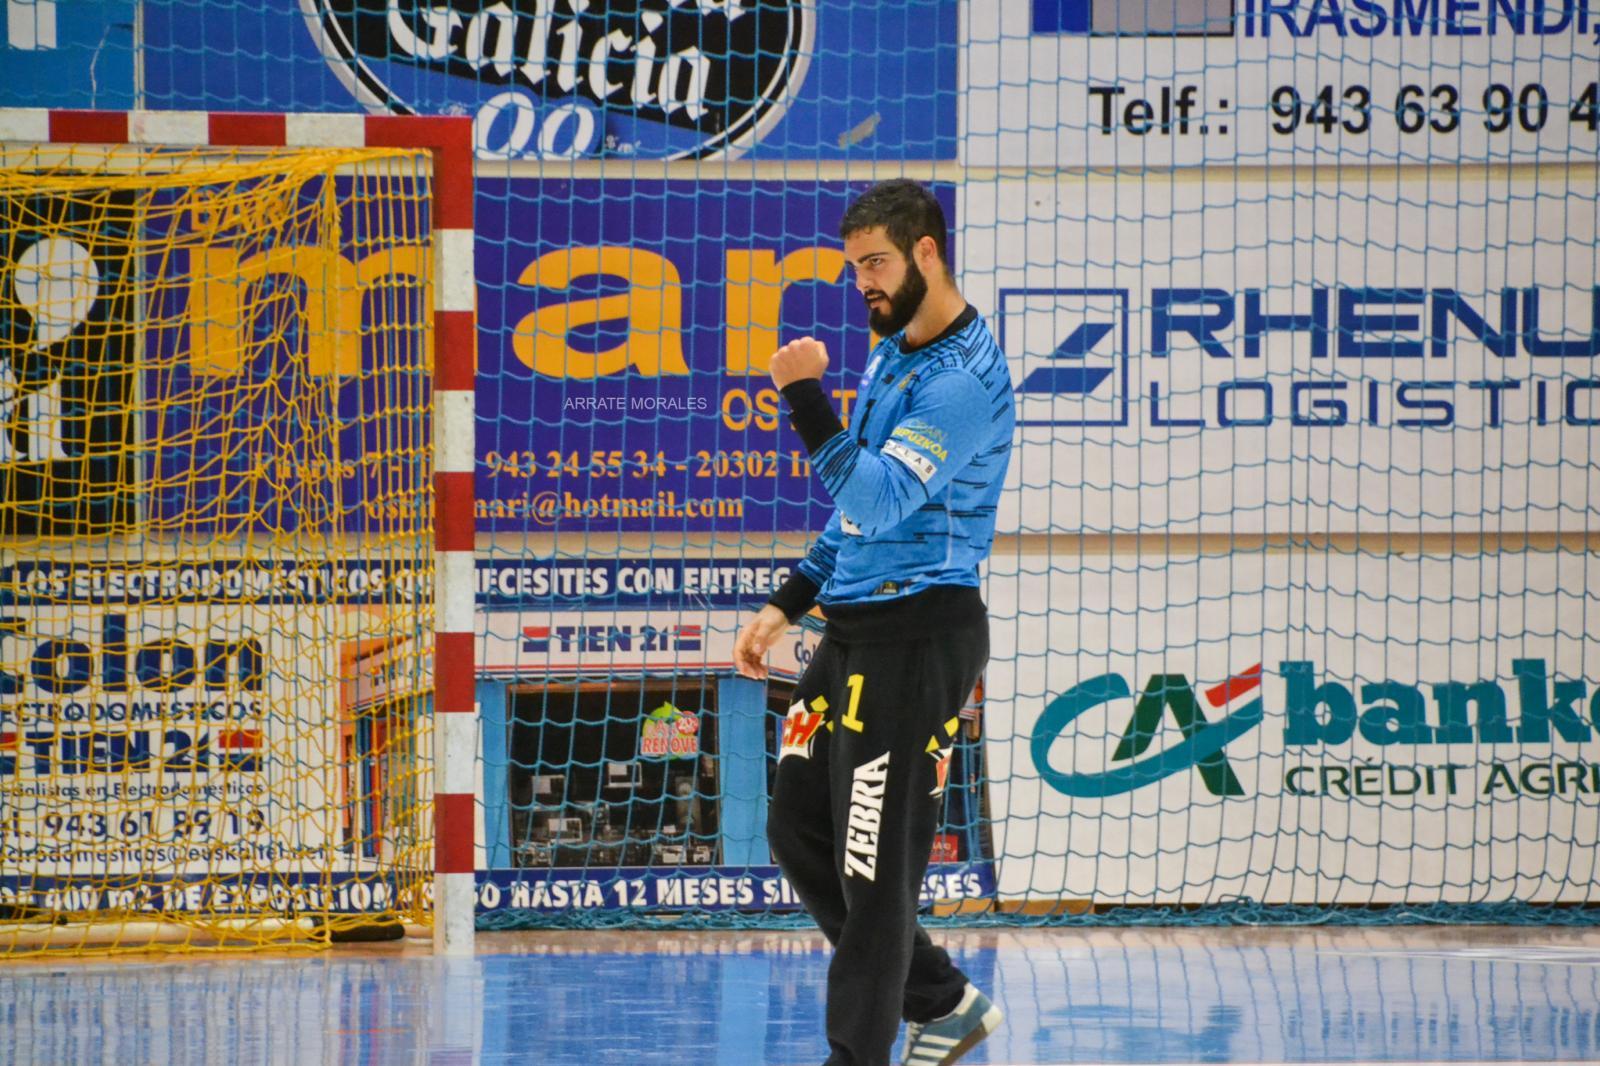 Searaense estreia com vitória na Liga Espanhola de Handebol